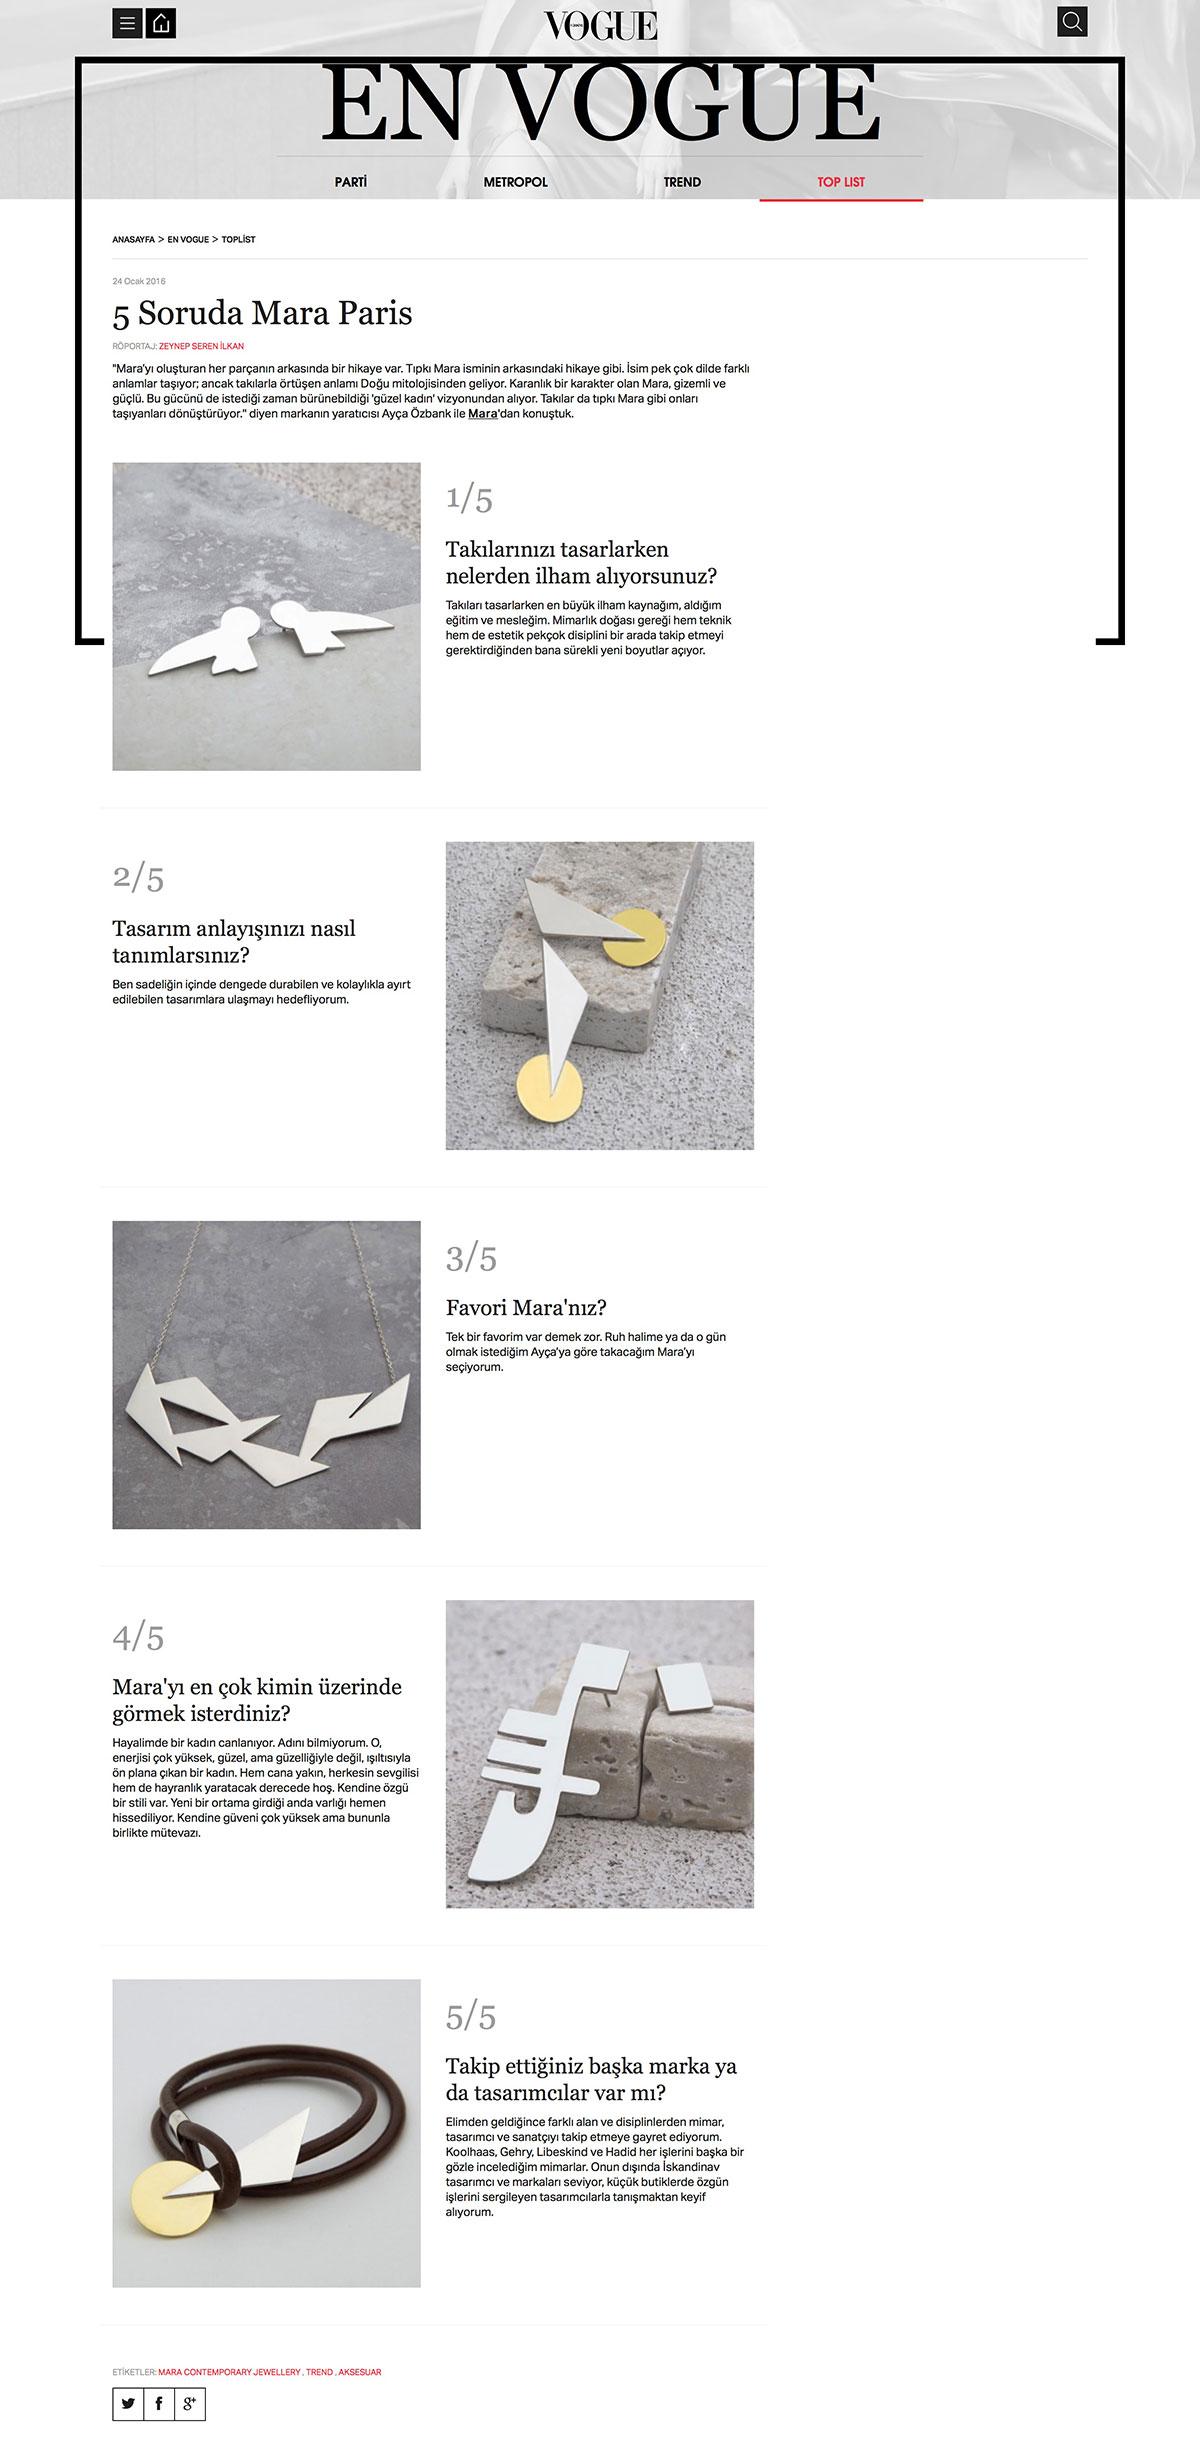 Vogue - Mara Paris en cinq questions